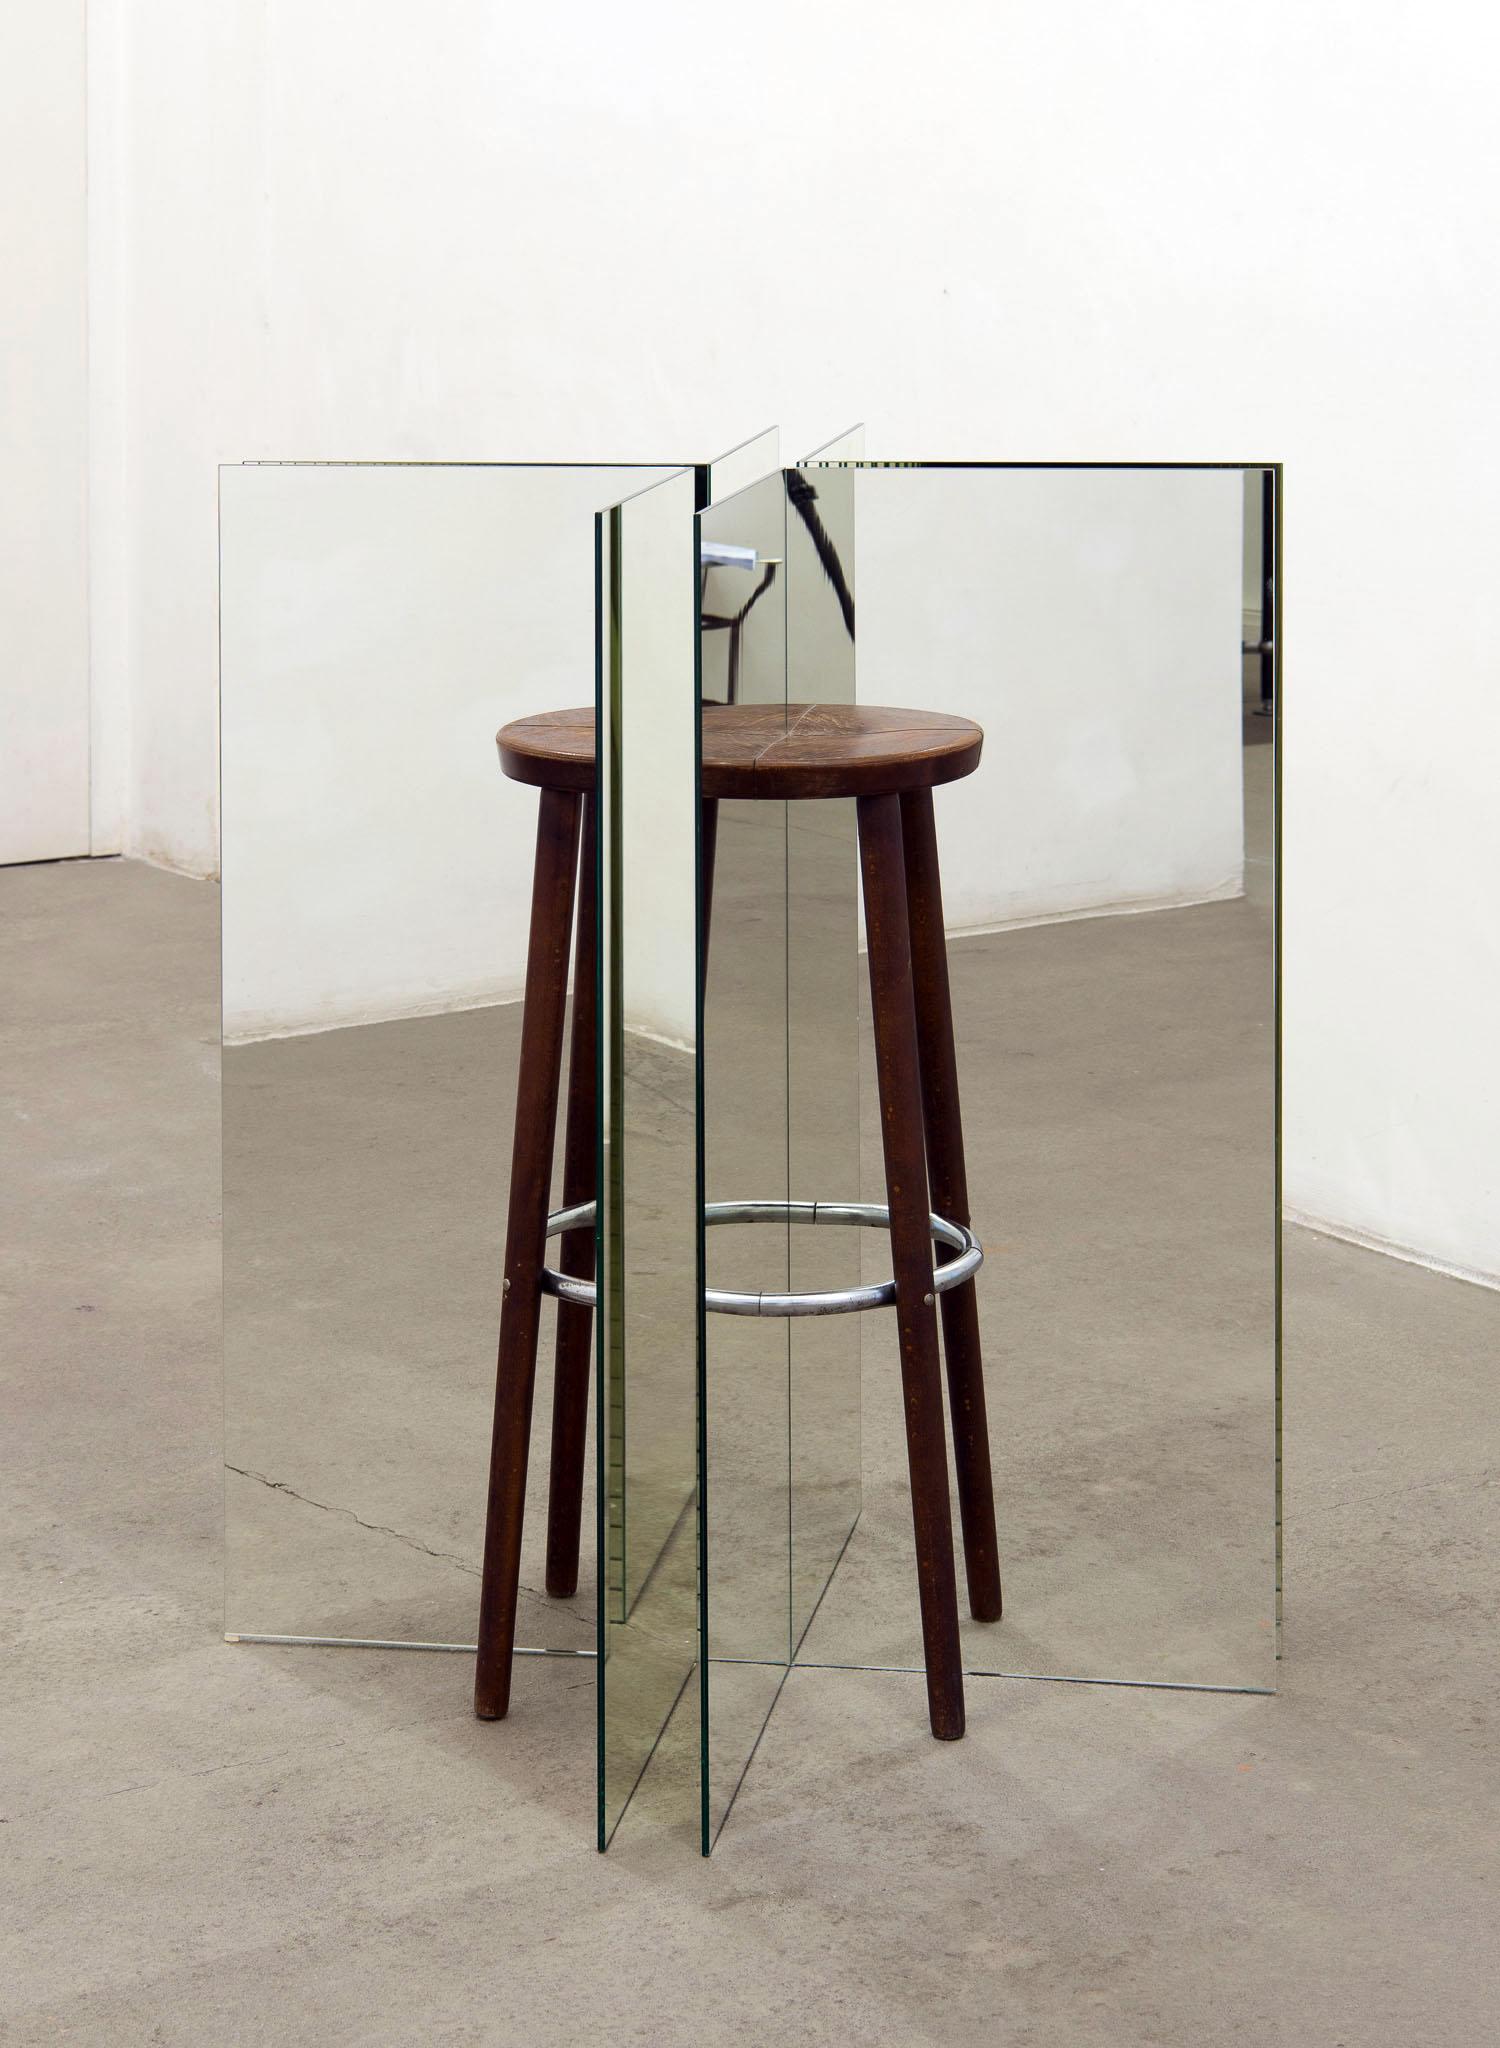 MATERIA, PER ORA Totum pro parte (Ein Hocker ist ein Bild), 2017; sgabelli usati, specchio, vetro; foto Giorgio Benni